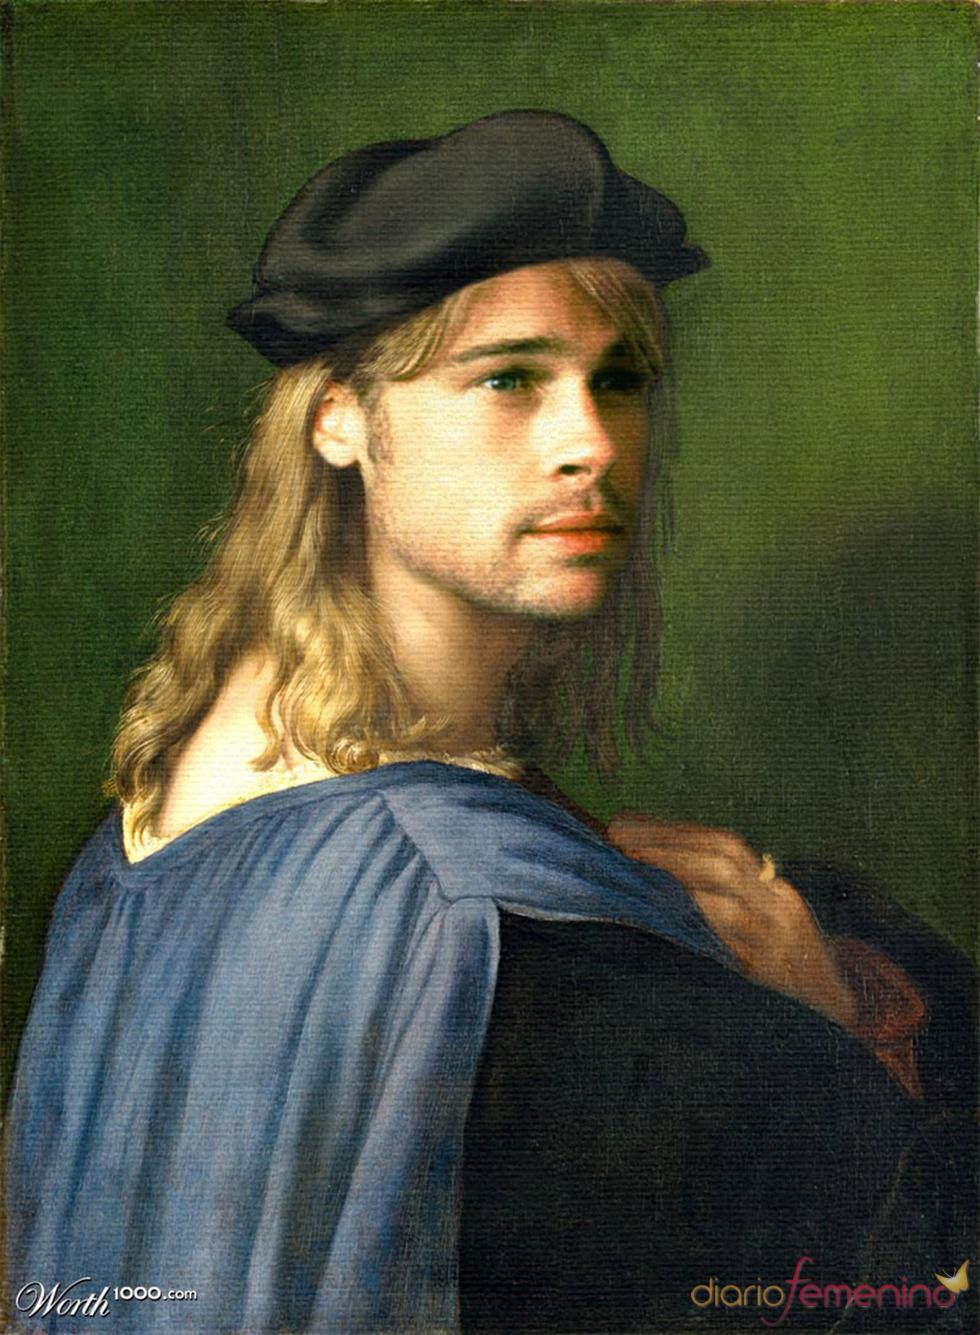 Brad Pitt convertido en arte clásico en Worth1000.com